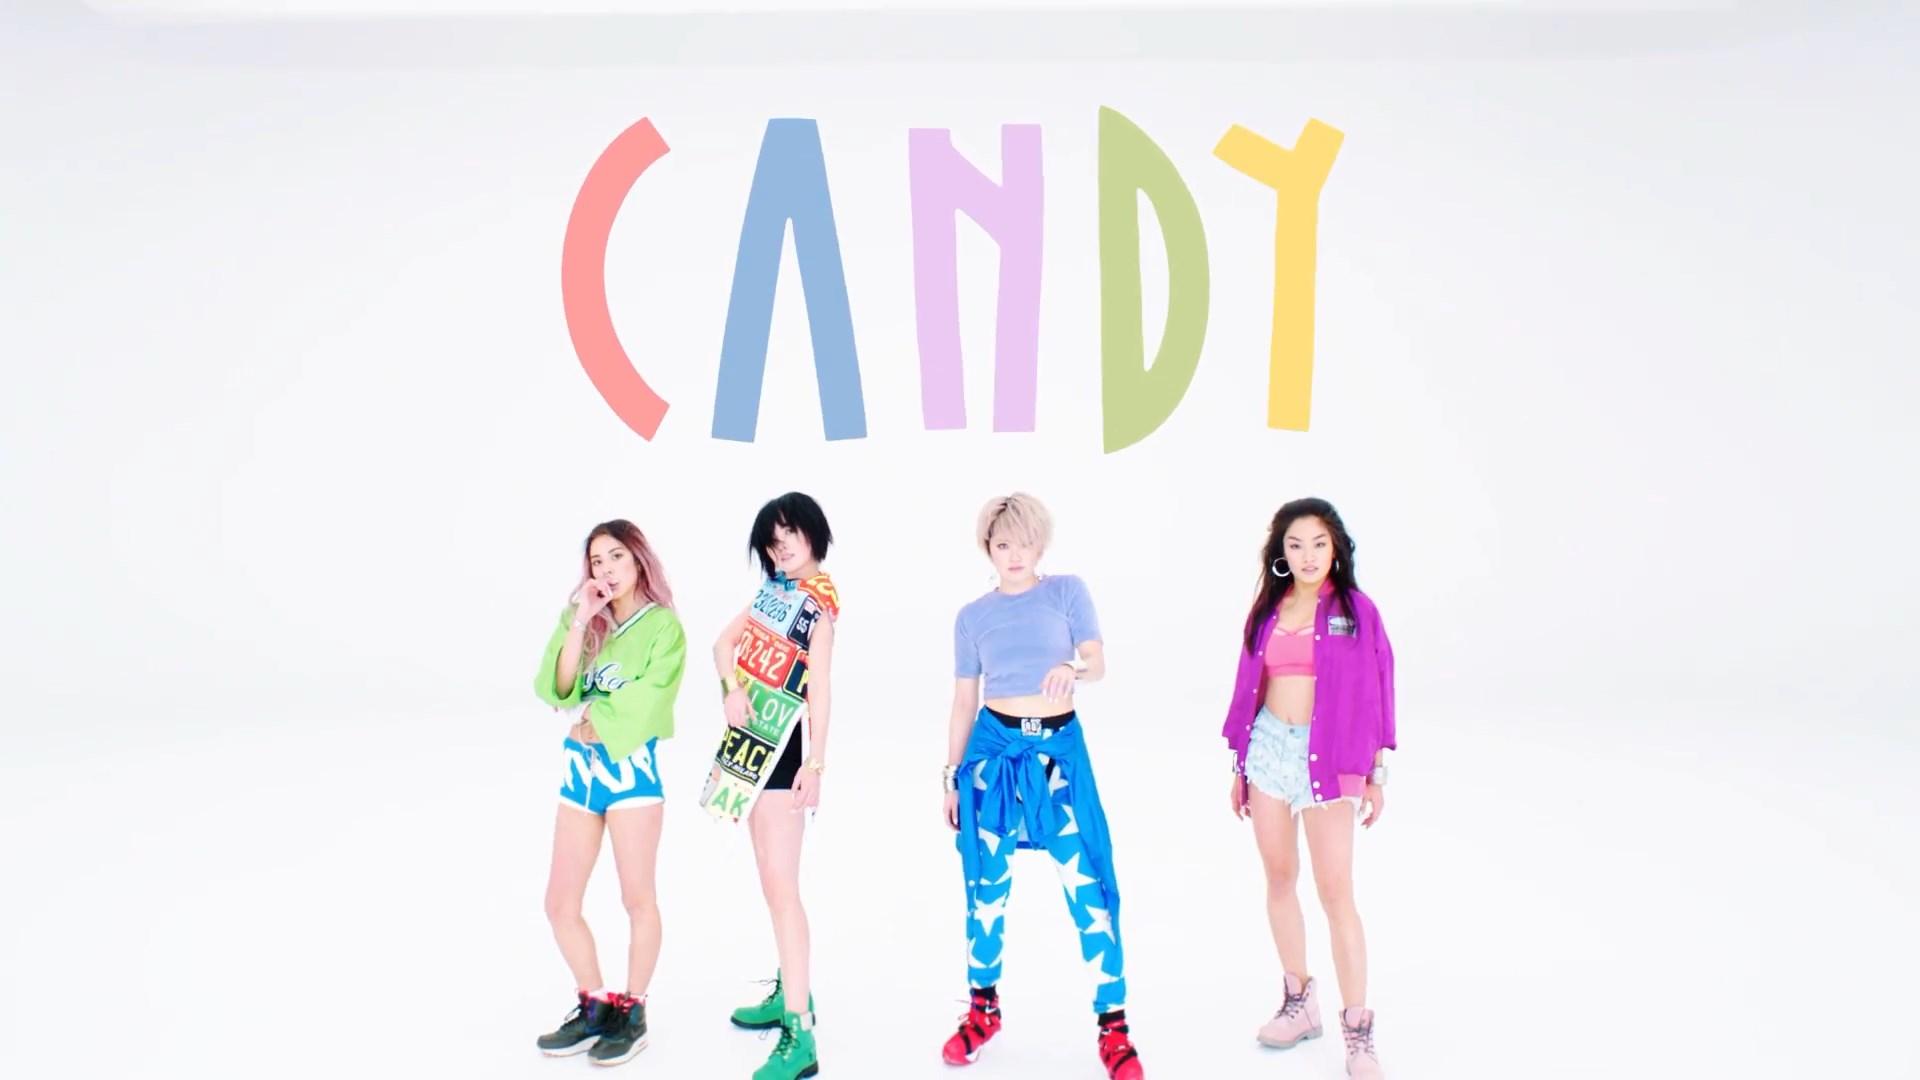 FAKY_Candy_01